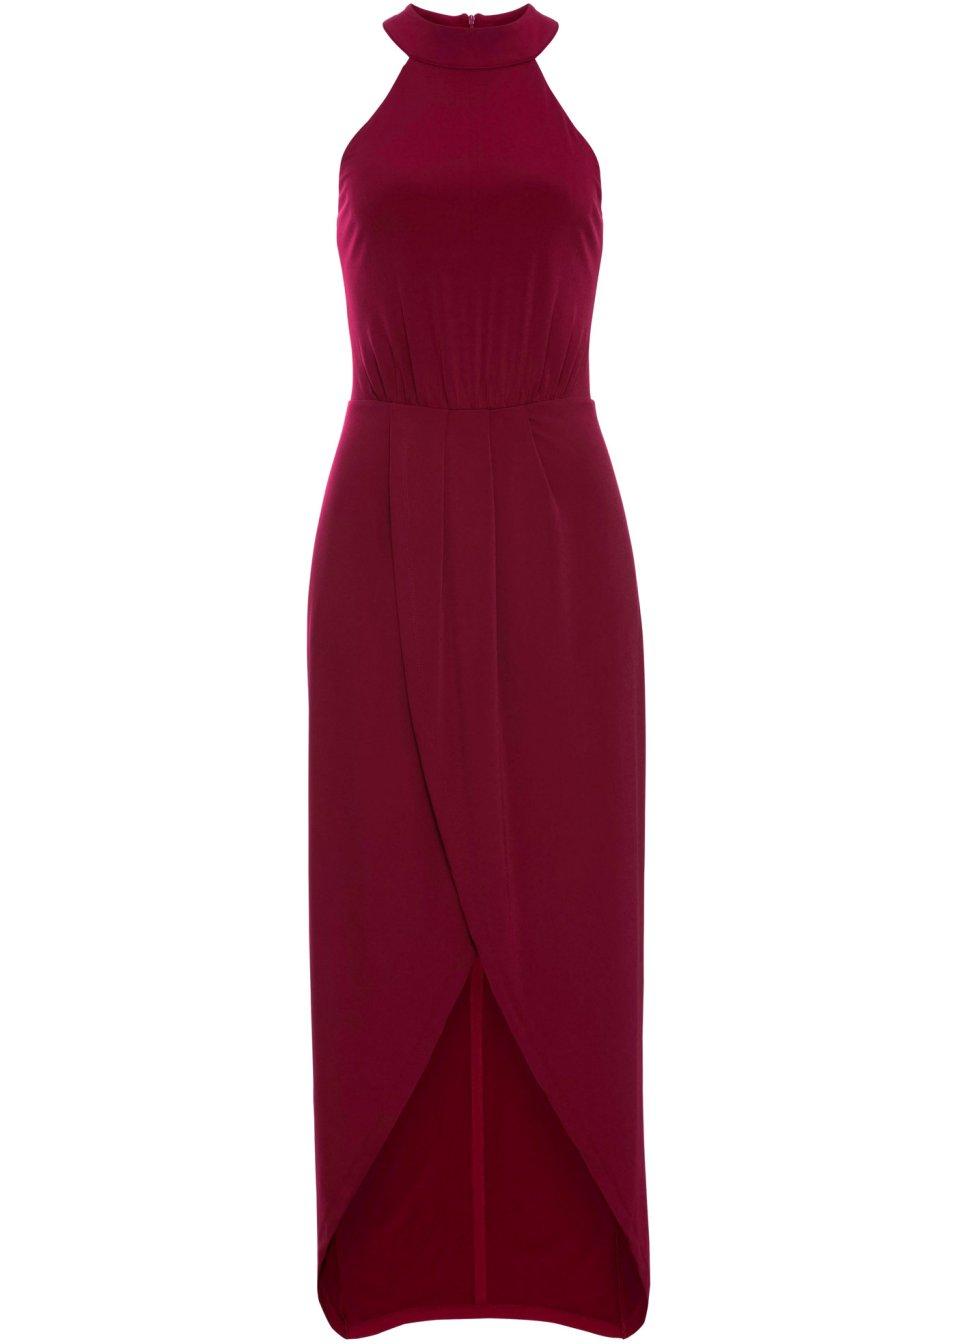 Elegantes Kleid in Wickeloptik - dunkelrot mxck2 0k2Zf